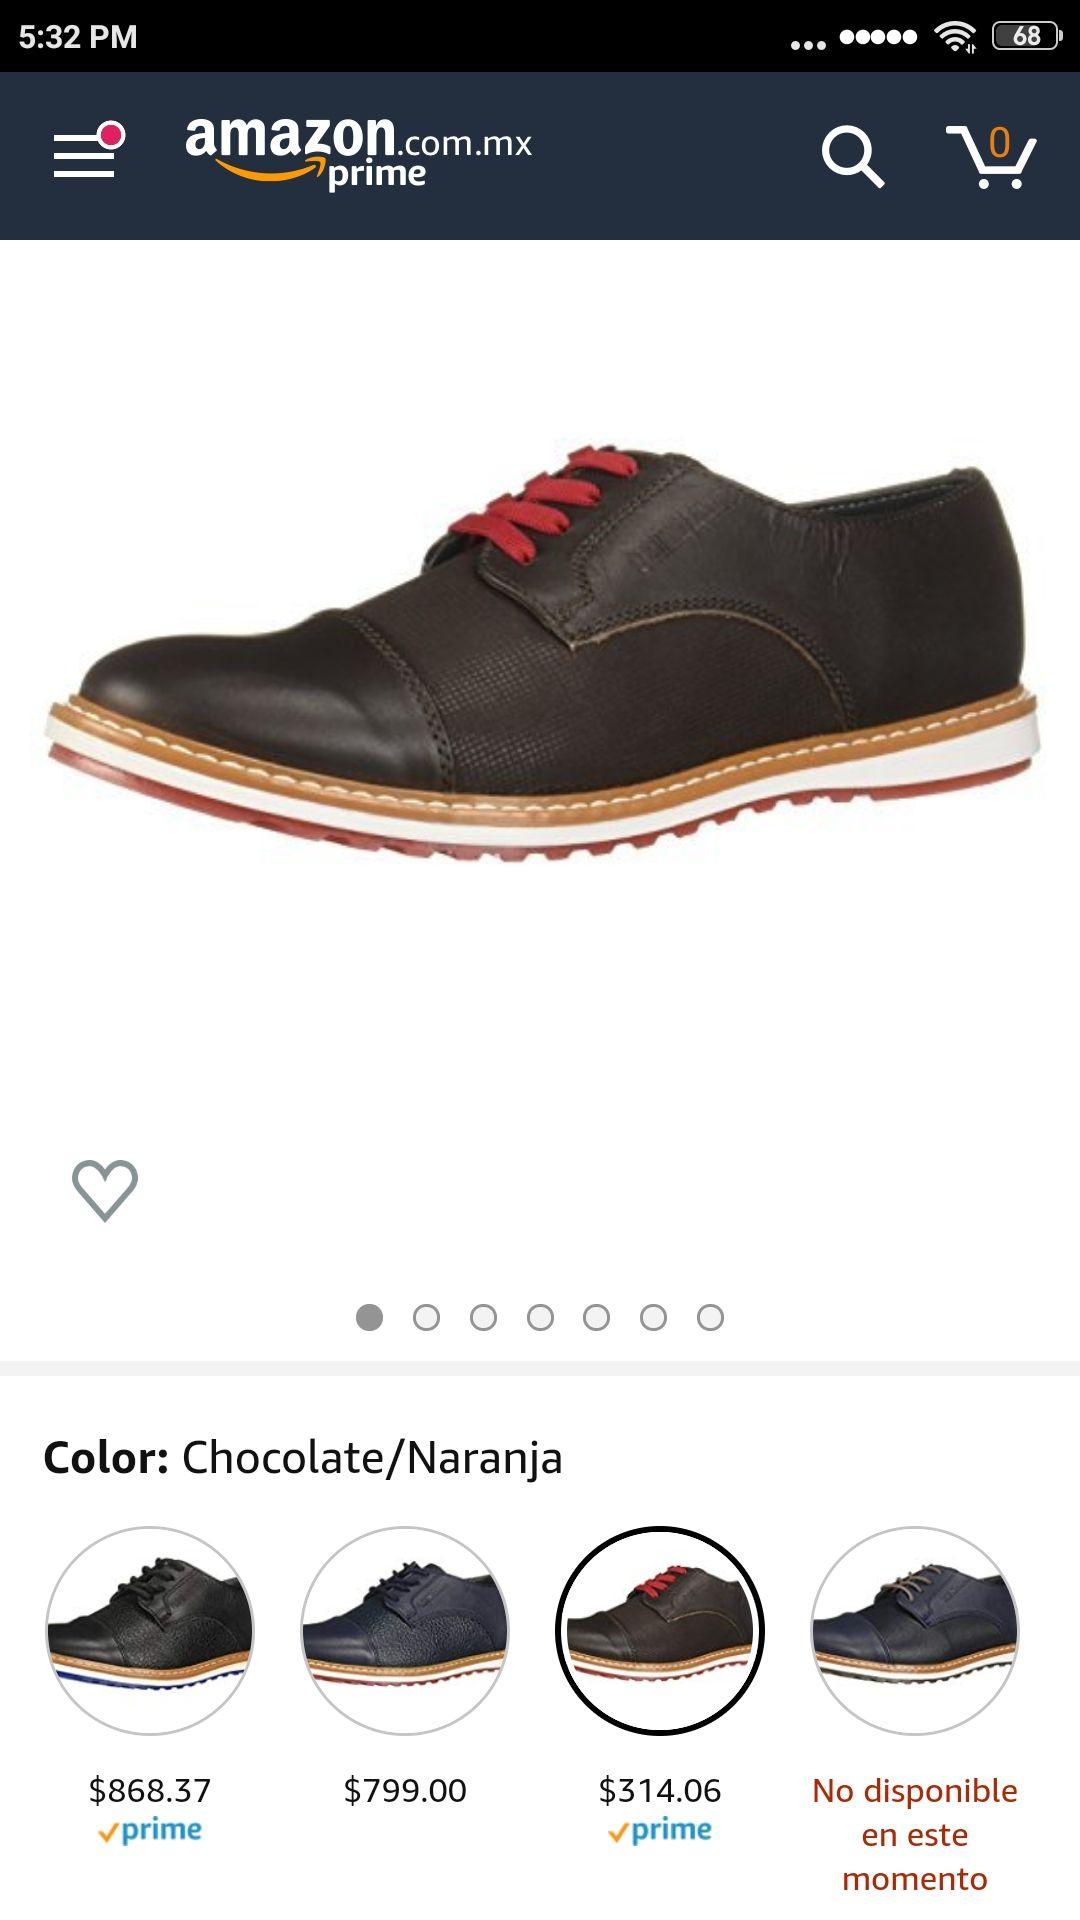 Amazon: Zapatos cristiano Ronaldo número 5